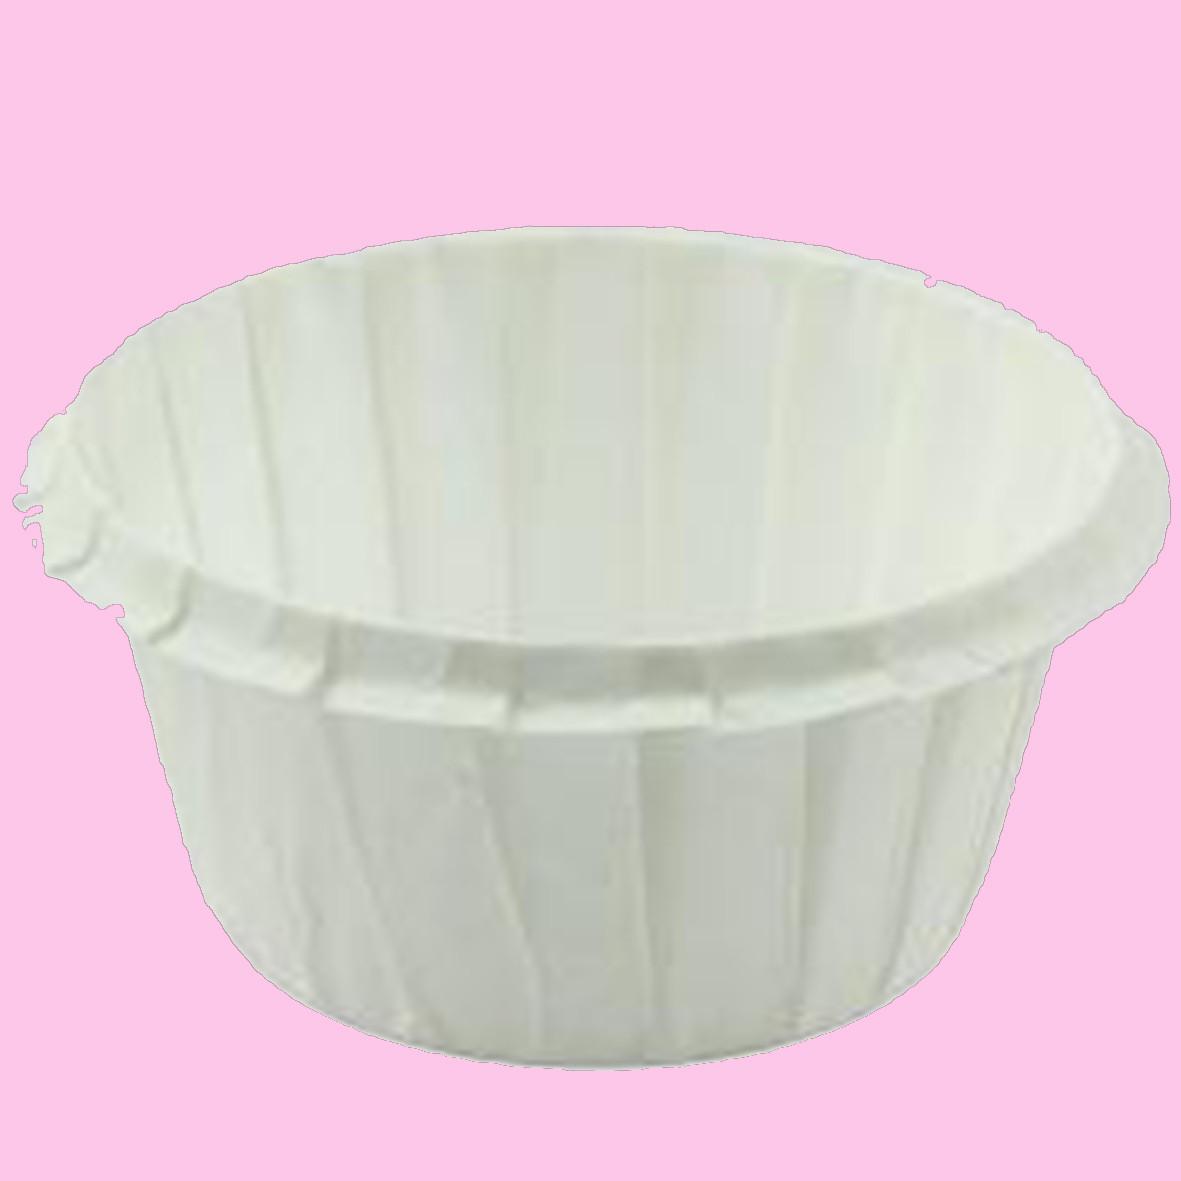 Формы бумажные для кексов усиленные с бортиком белые, 55*35 мм